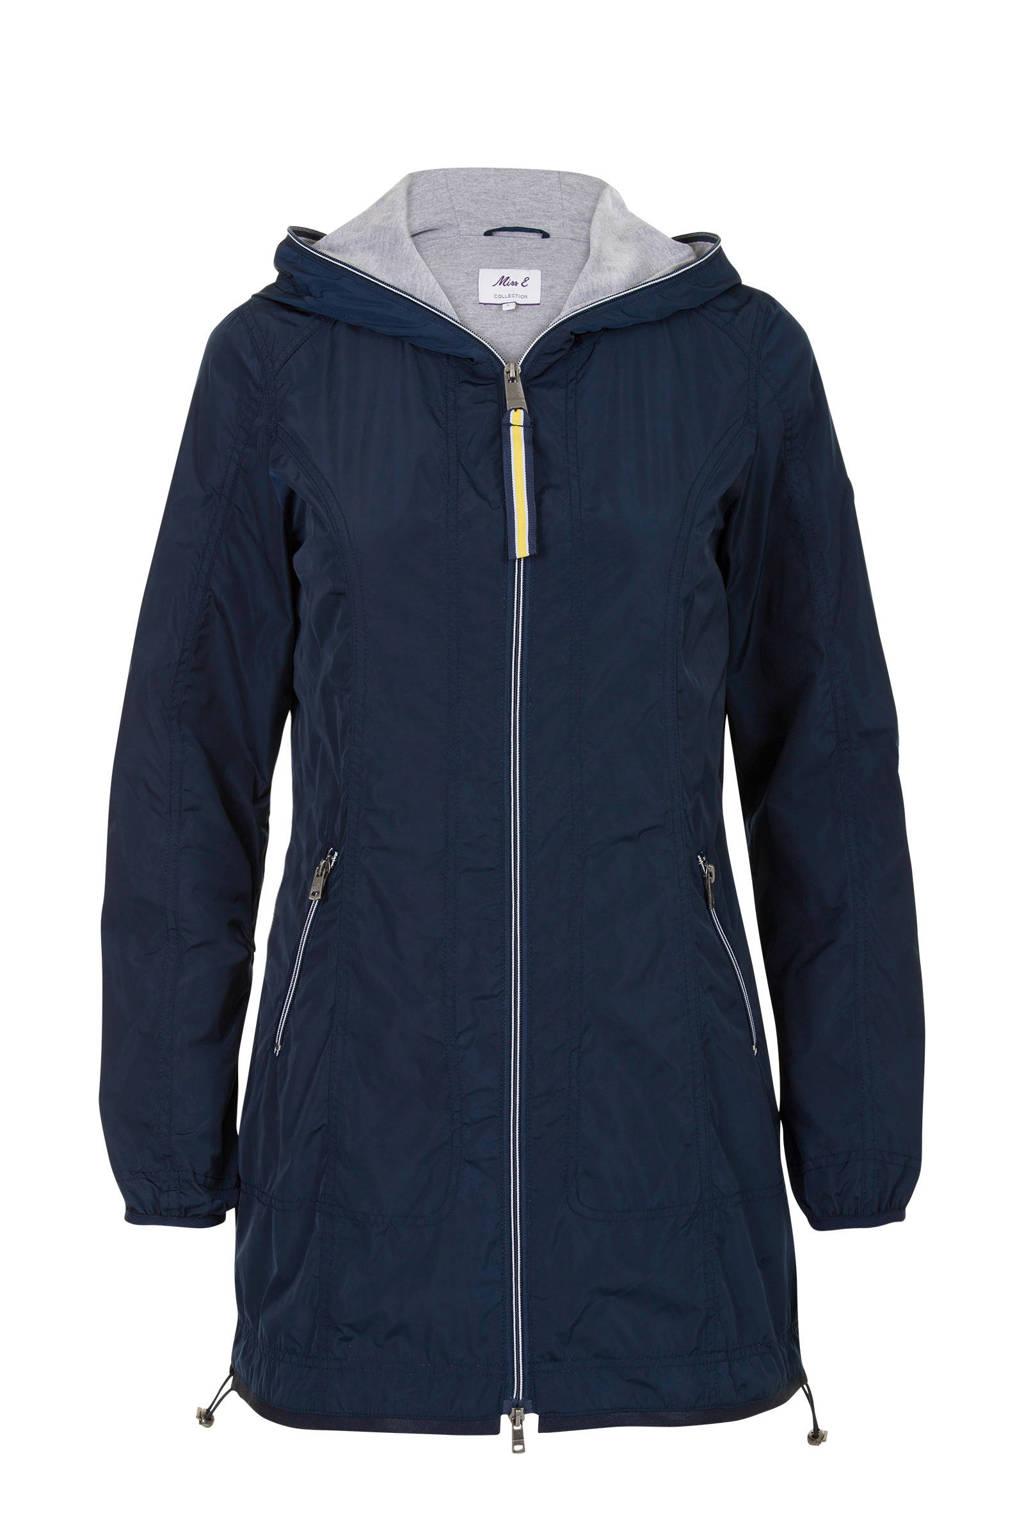 Miss Etam Regulier parka met contrasterende jersey voering, Blauw